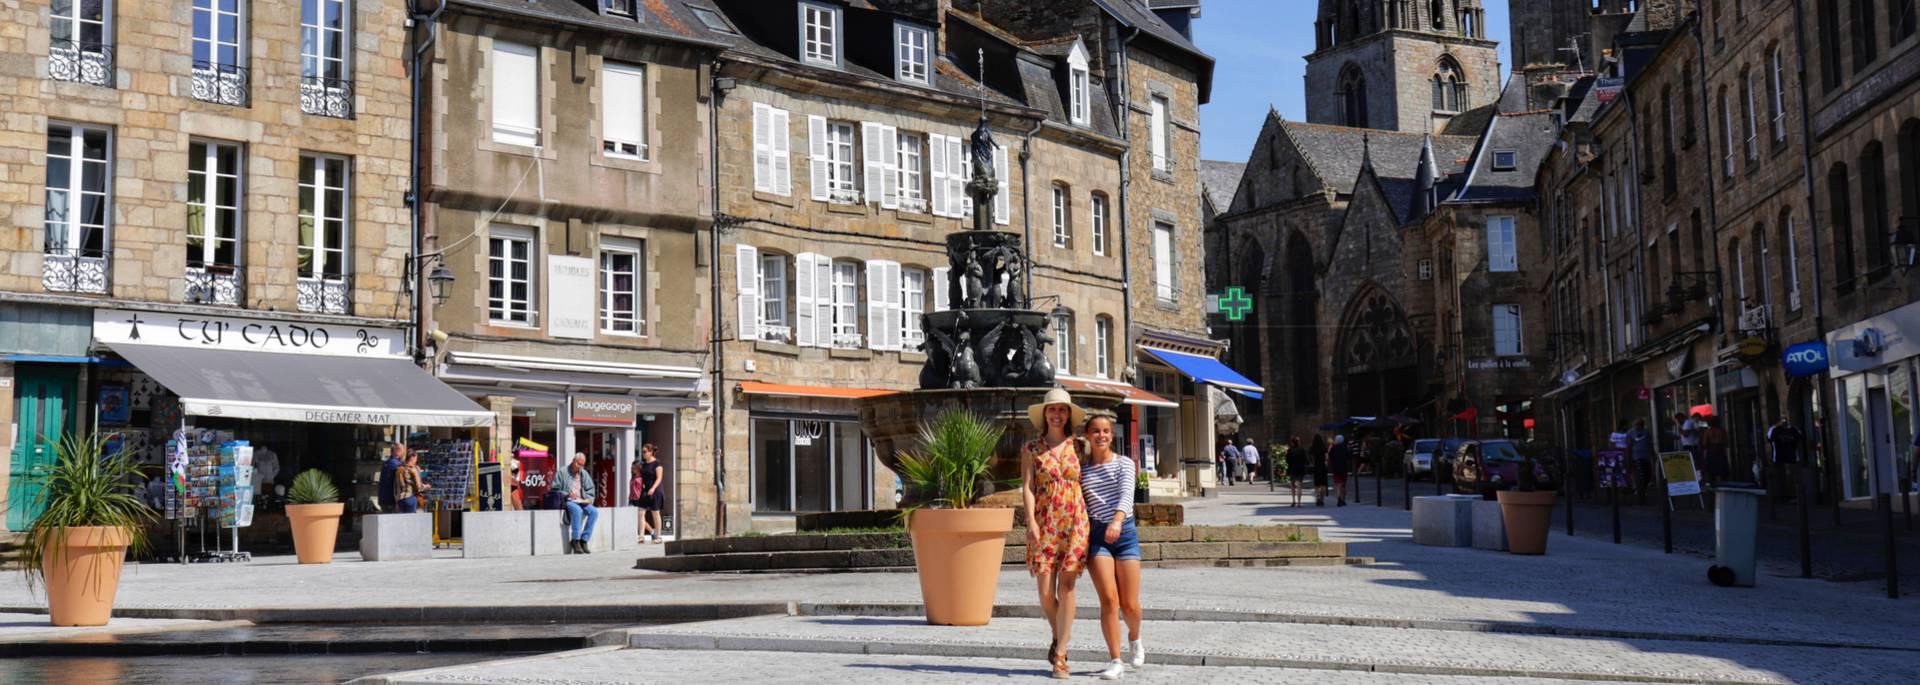 Place du Centre à Guingamp et fontaine la Plomée ©Gaubert Marion